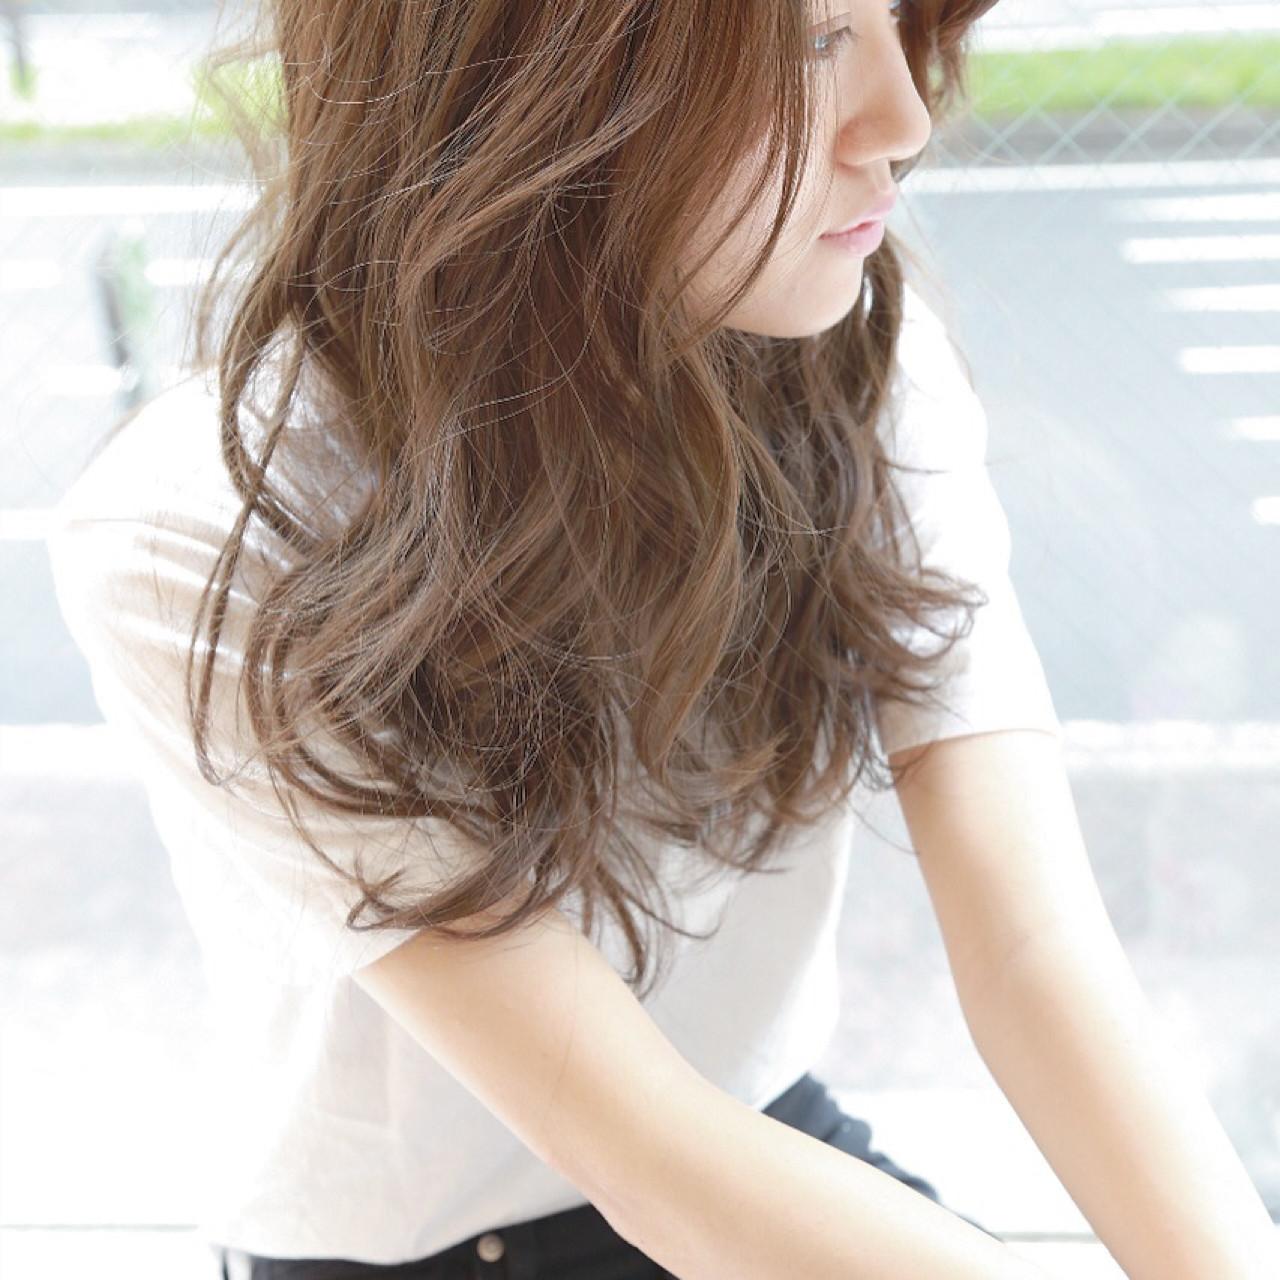 セミロング ゆるふわ 外国人風 大人かわいい ヘアスタイルや髪型の写真・画像 | 坂本一馬 / JUHL ユール